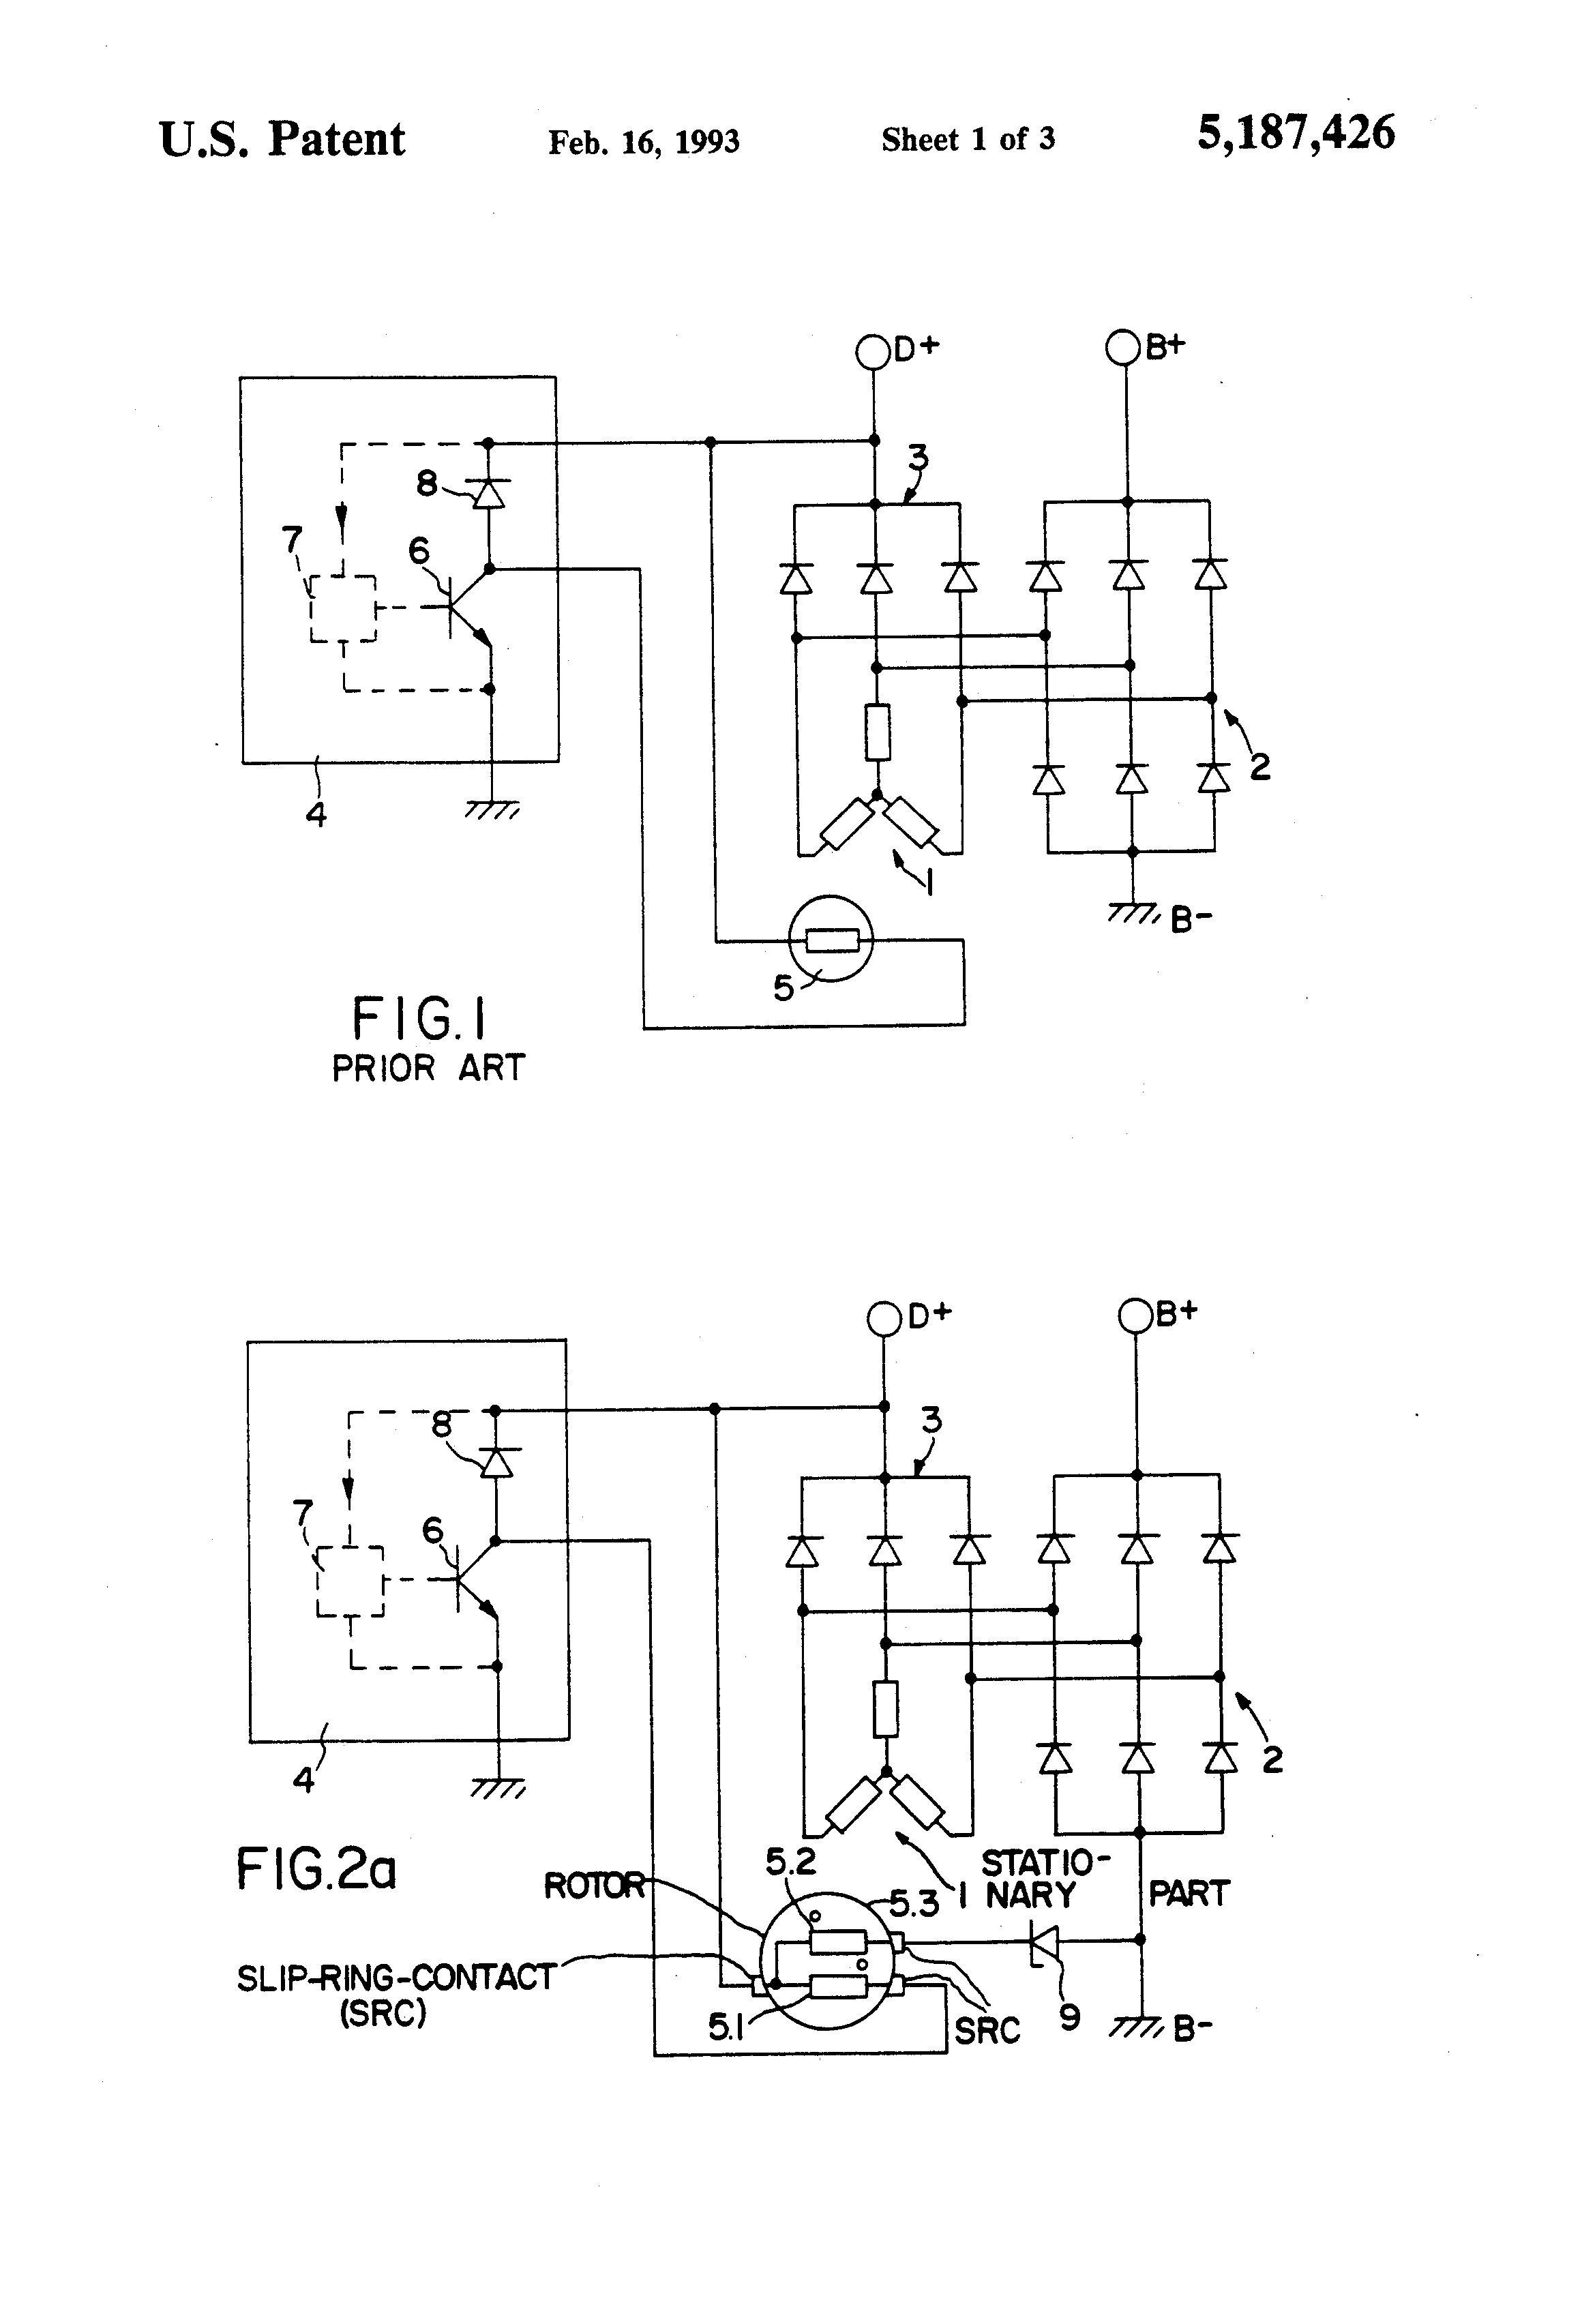 Diesel Engine Components Diagram Diesel Alternator Wiring Diagram Download Of Diesel Engine Components Diagram